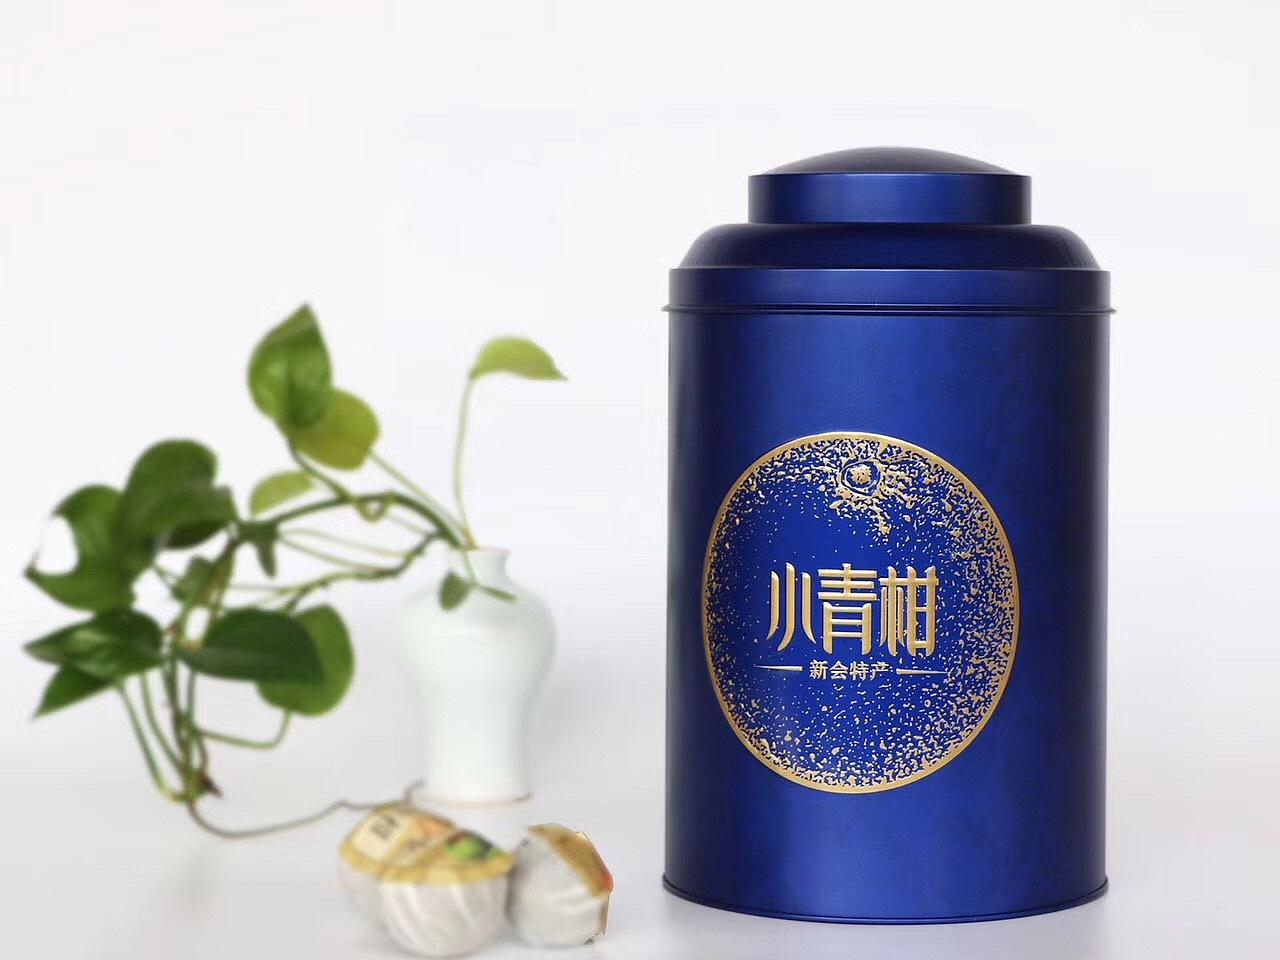 惠州市汉金包装制品有限公司